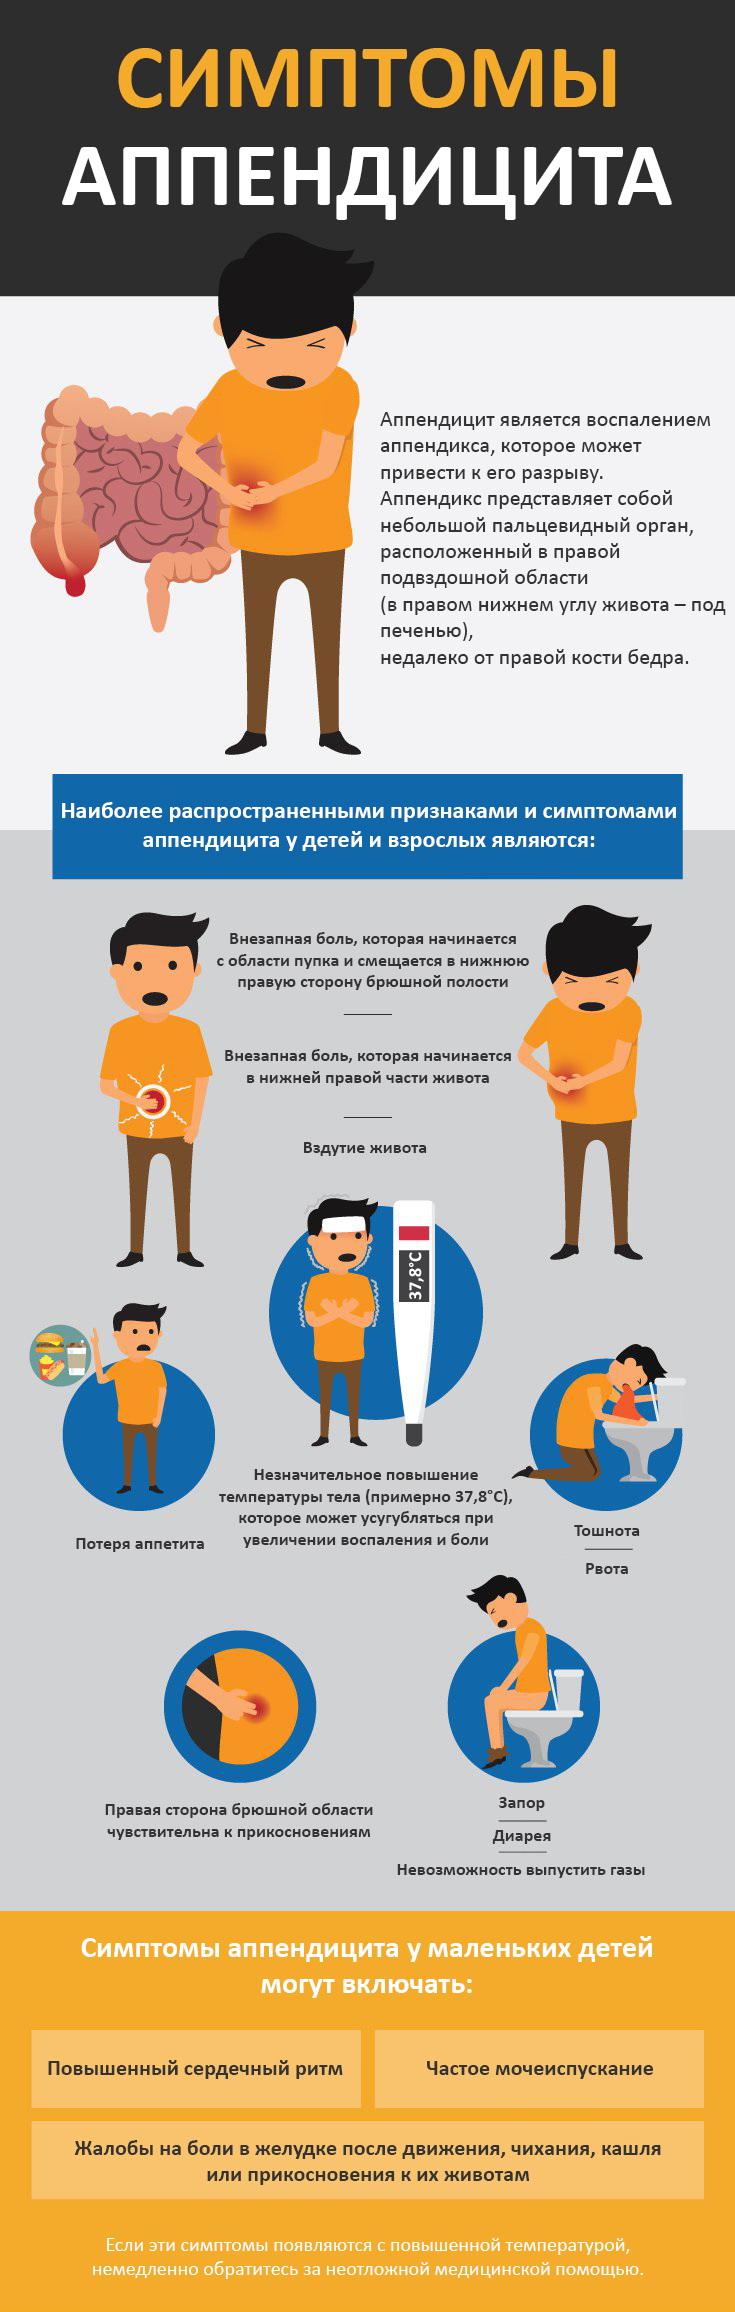 Аппендицит - симптомы, причины, признаки, народные средства 2